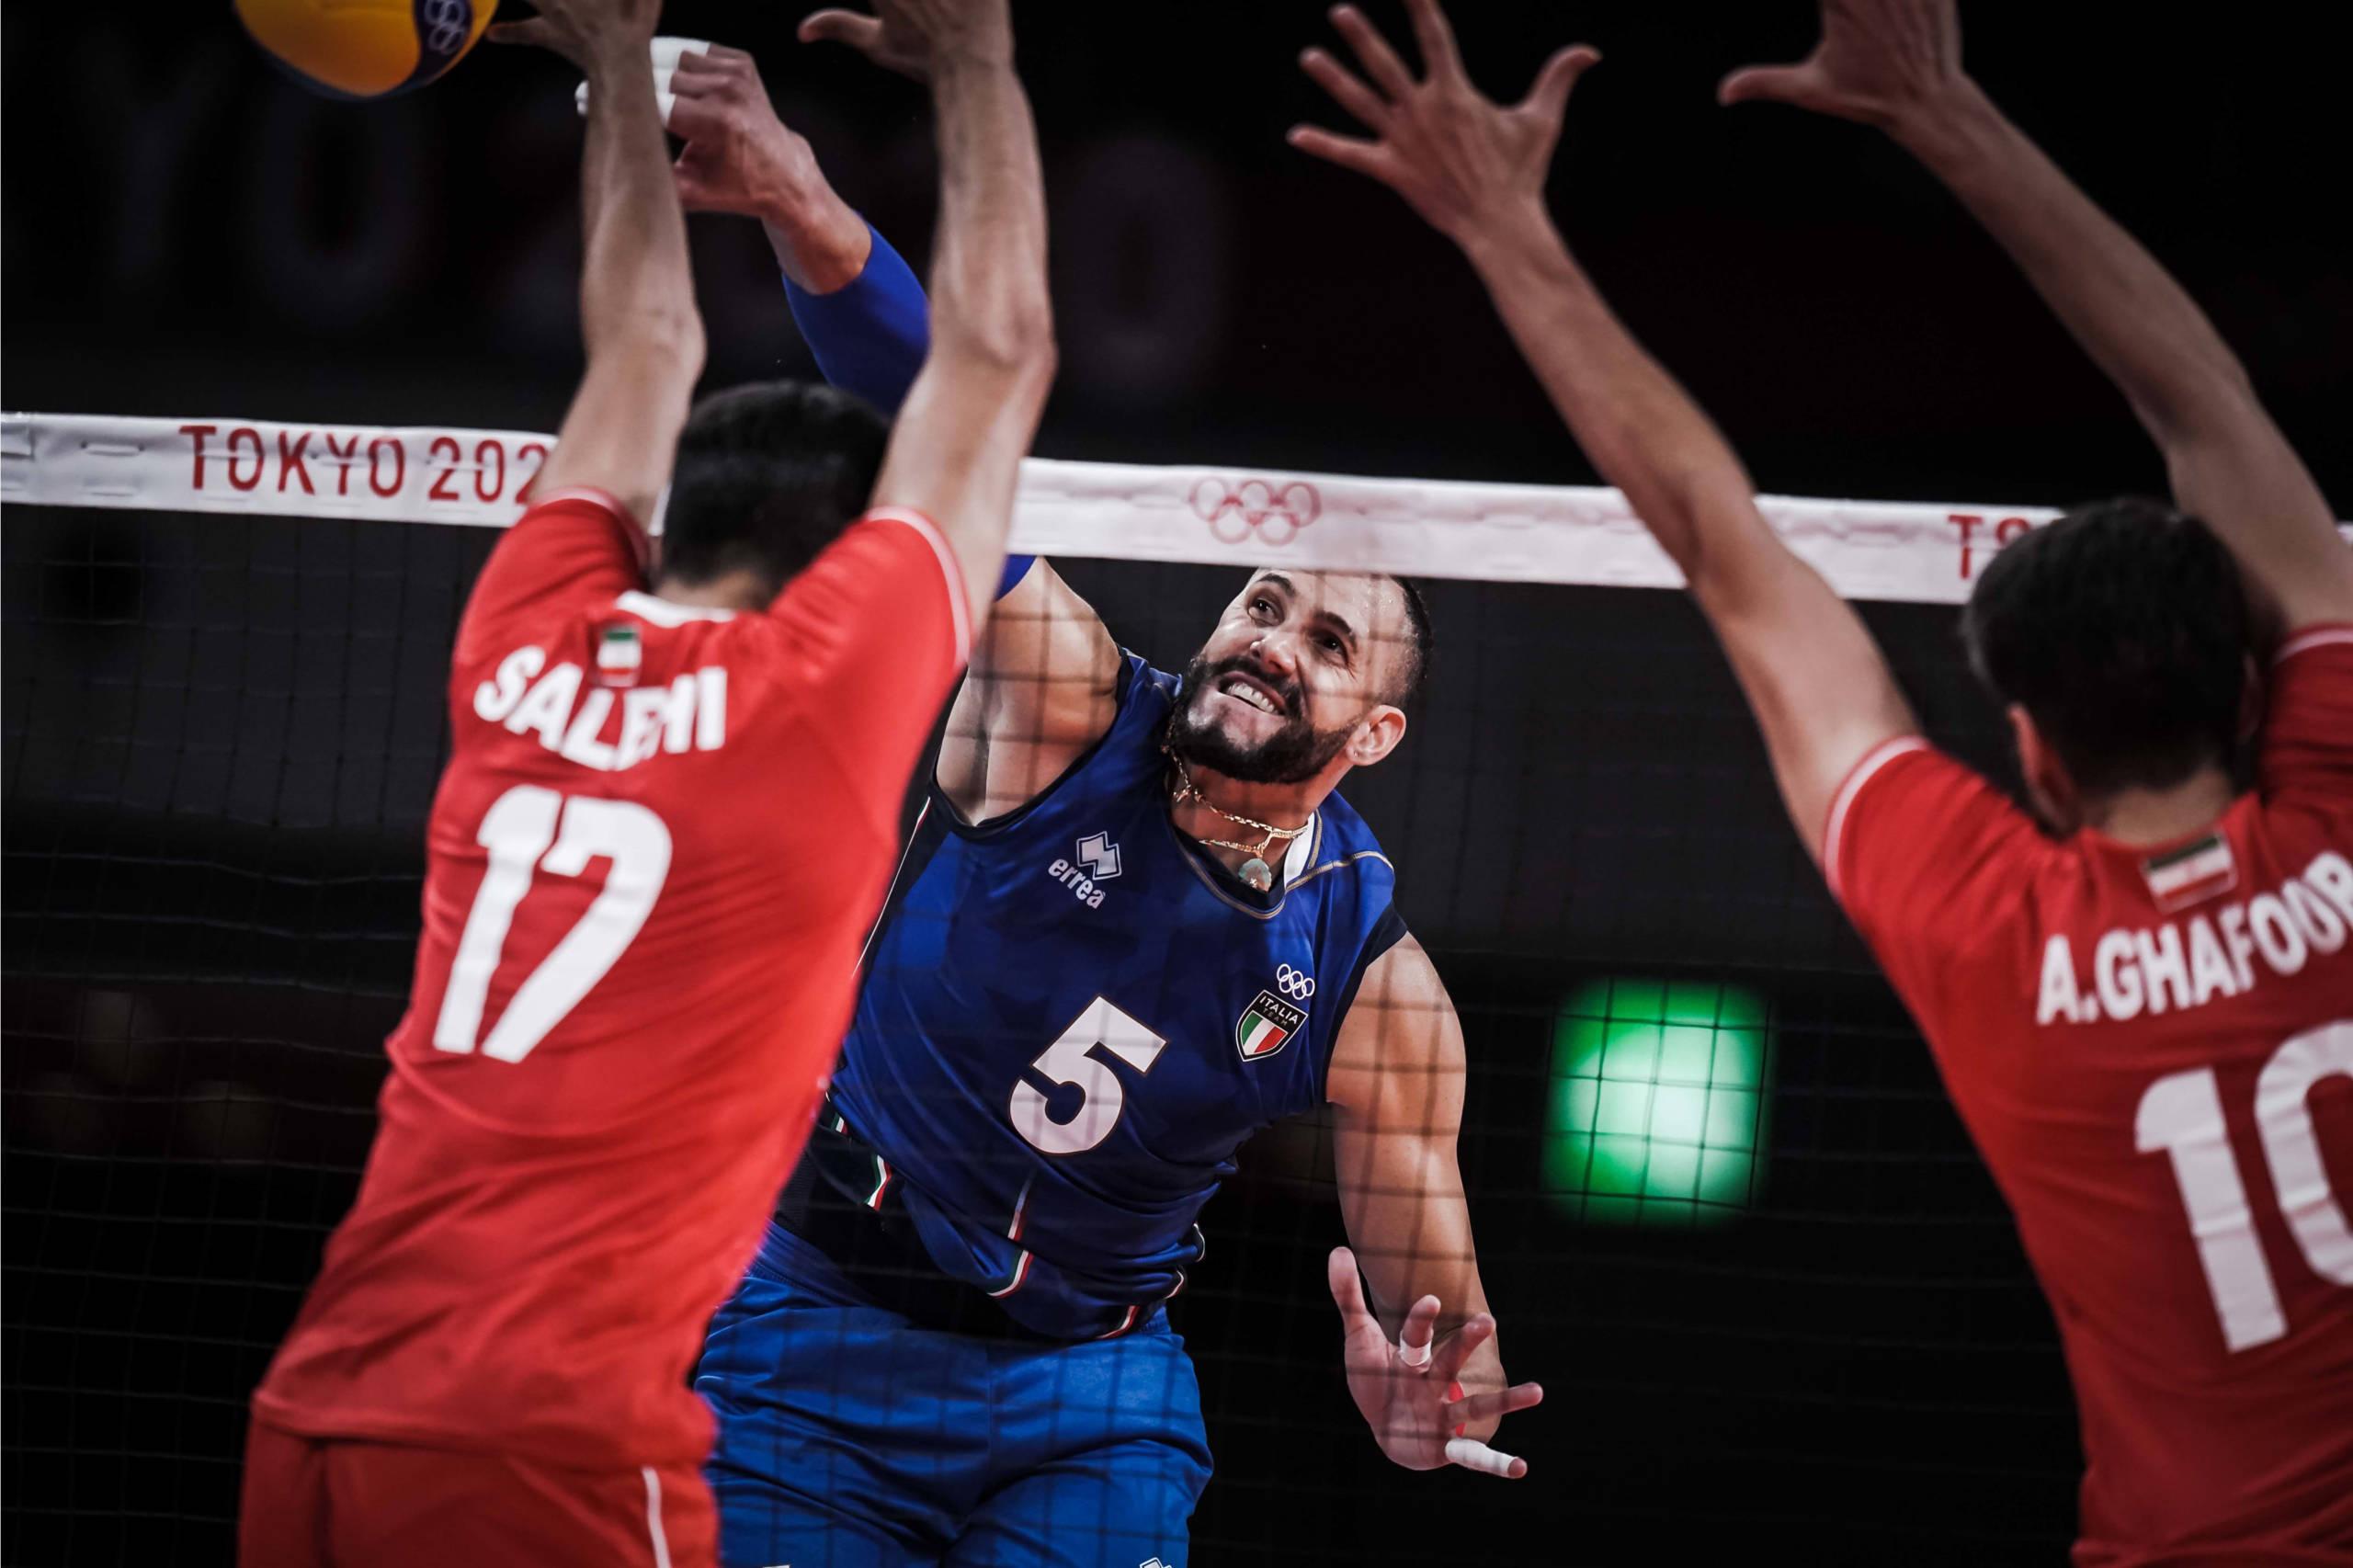 Volley, Olimpiadi Tokyo. Una bella Italia batte l'Iran 3 1 e vola ai quarti di finale!